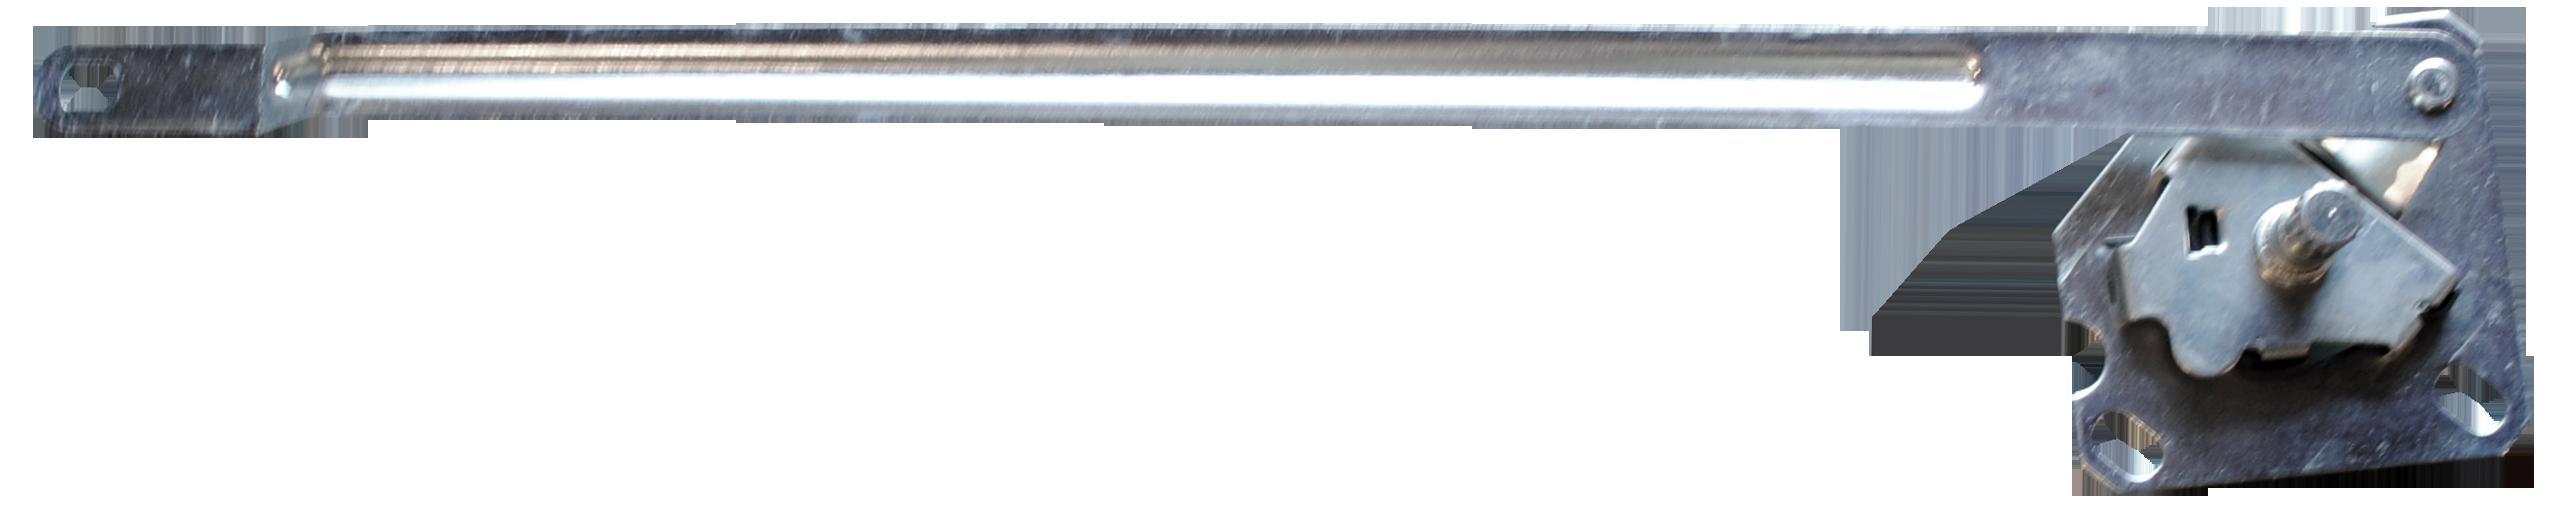 1960-63 C10 front door relay control lt